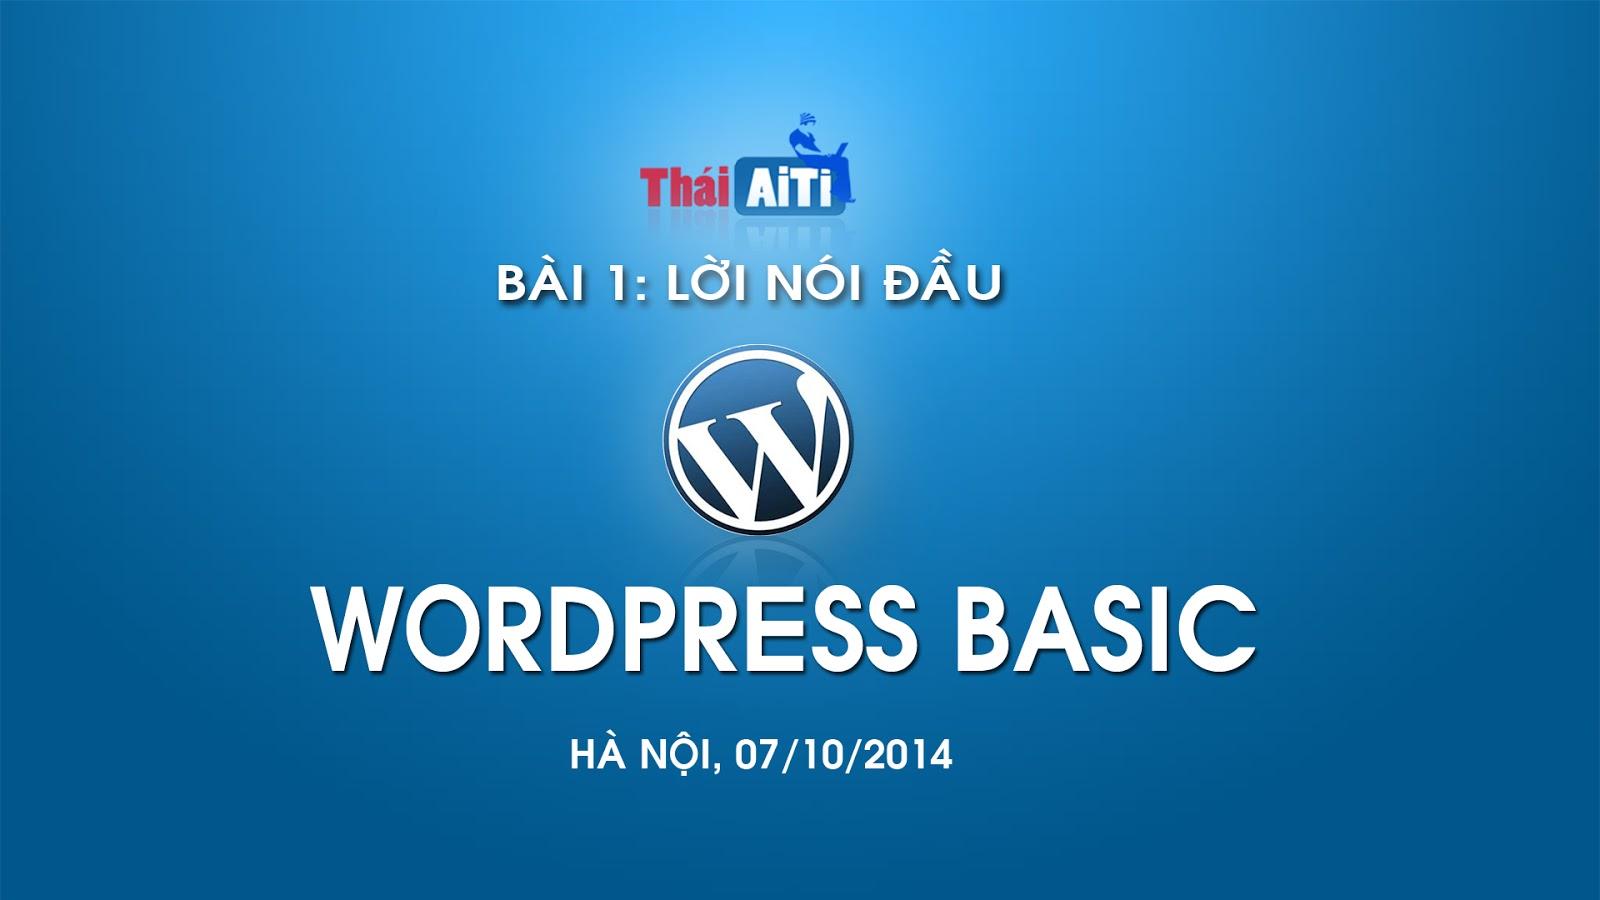 Bài 1: Lời nói đầu - Giới thiệu và cách nhìn về Wordpress - ThaiAiTi.com